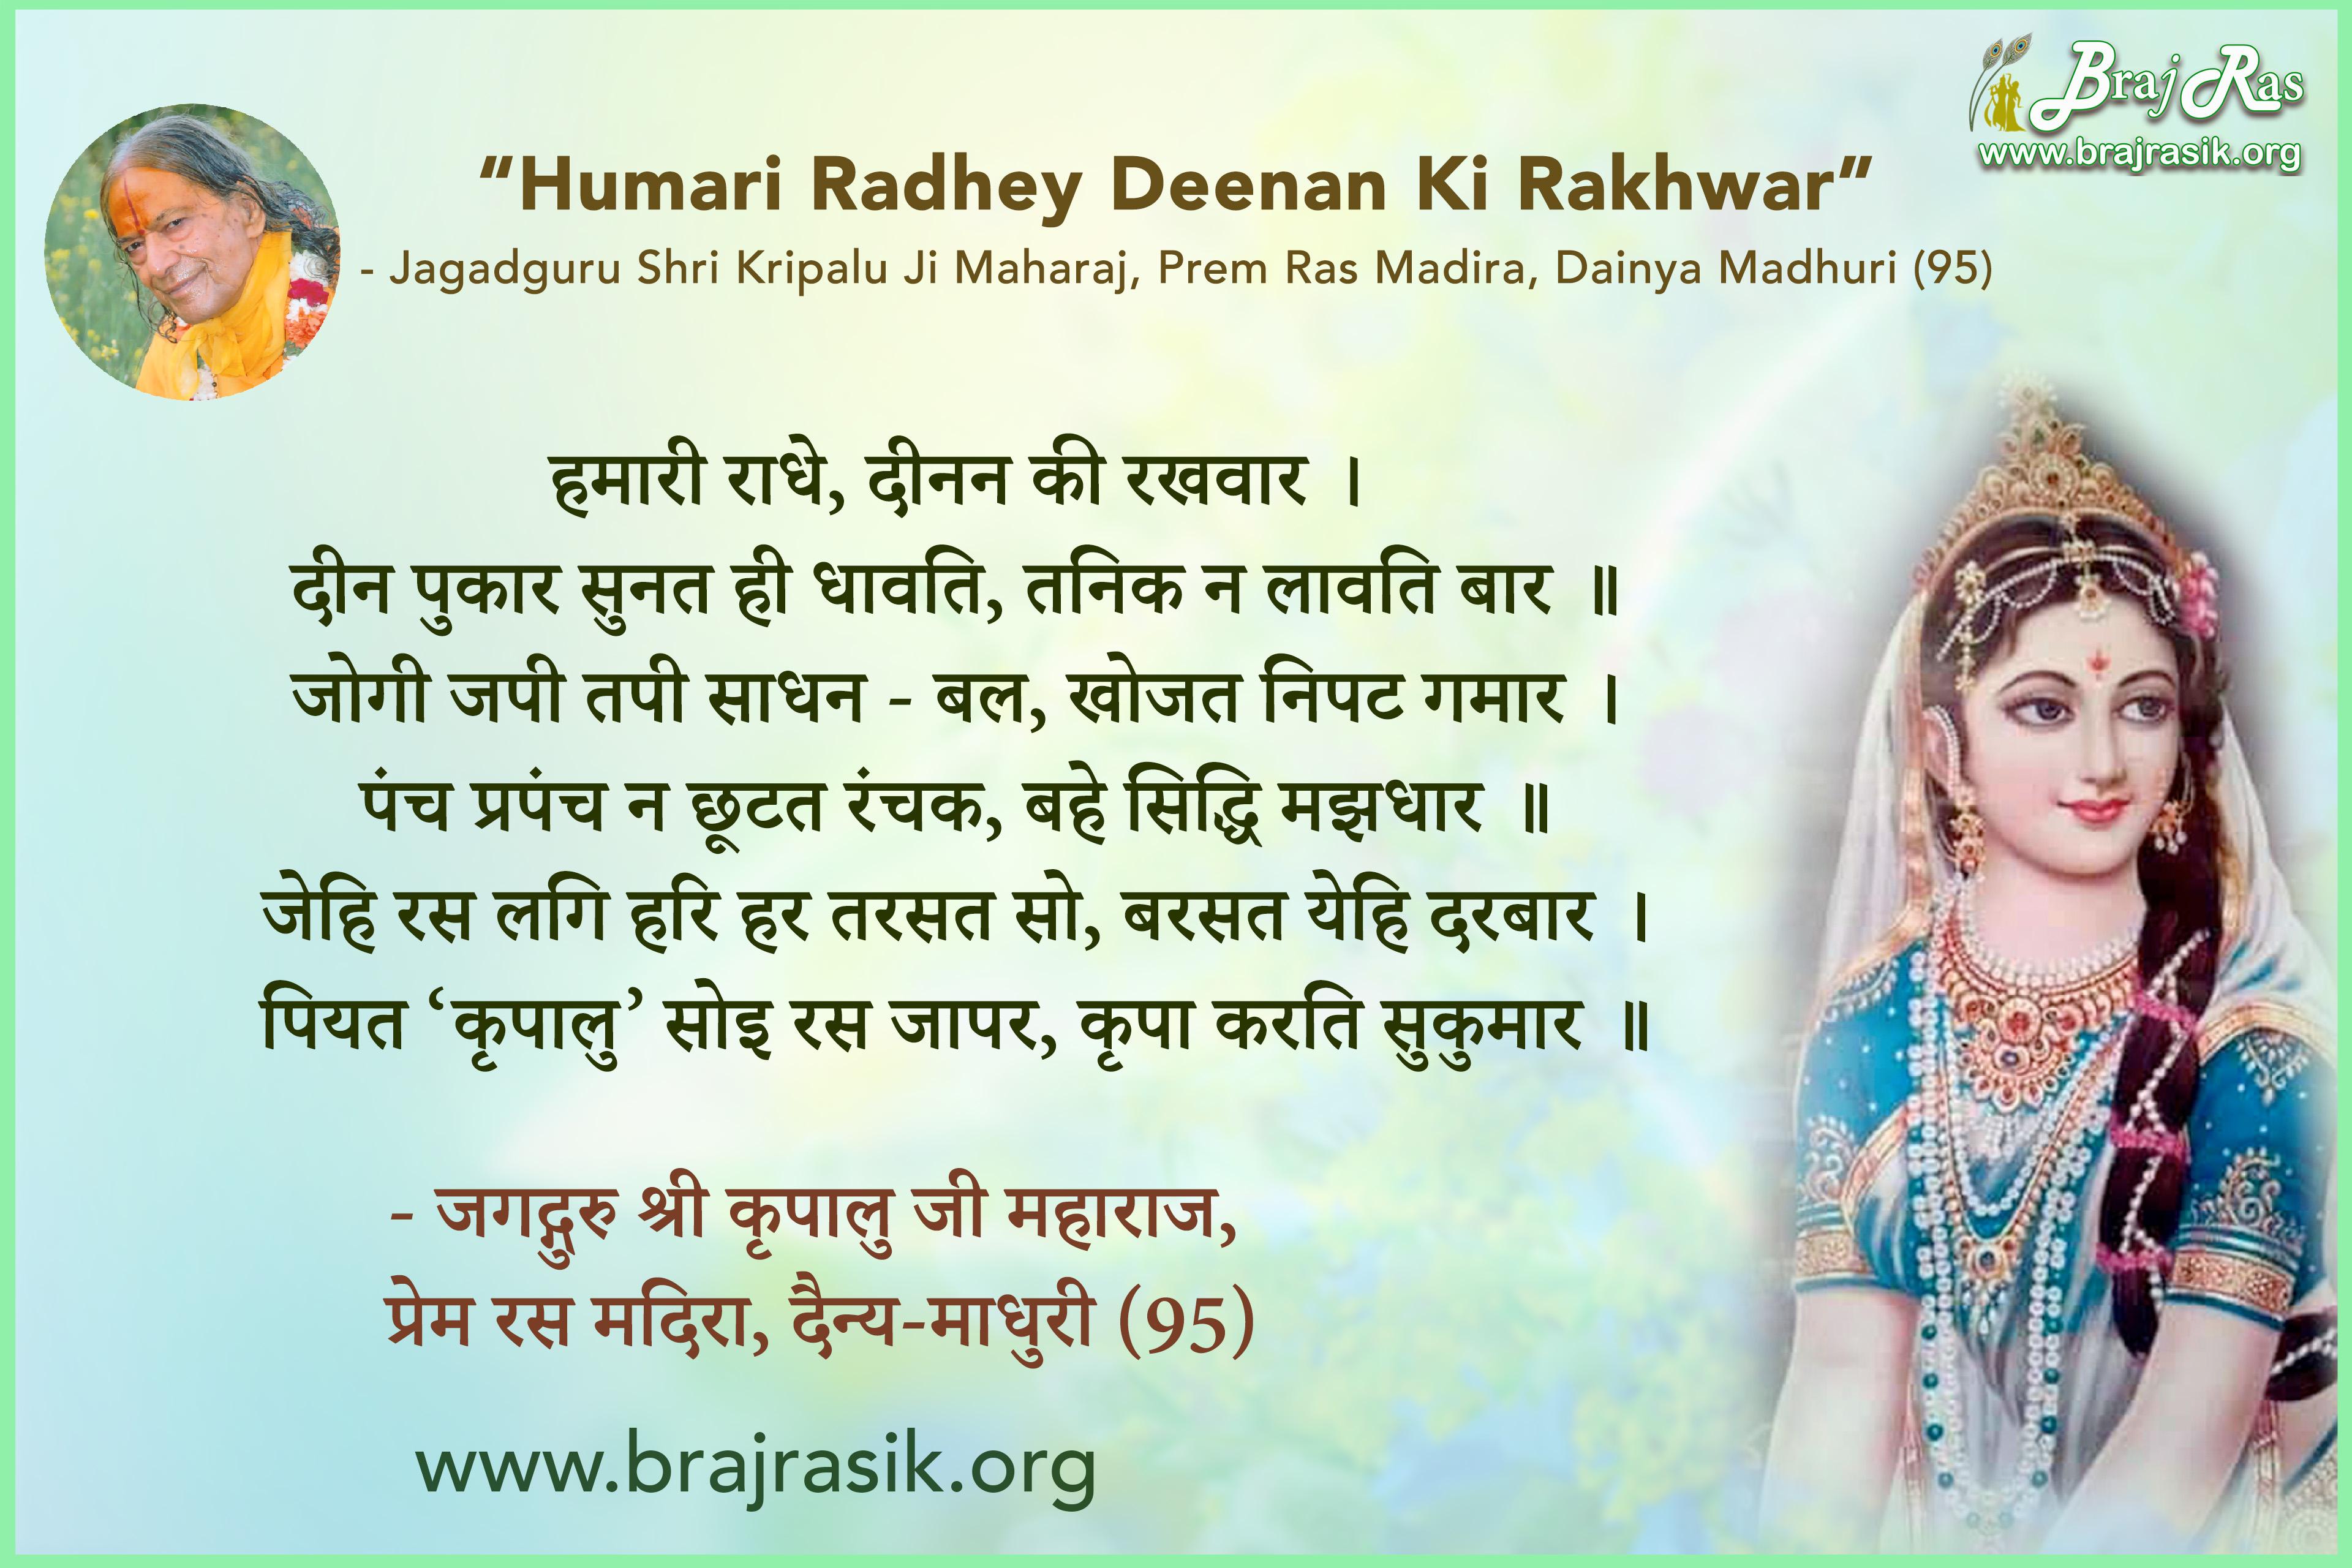 Hamaari radhe deenan ki rakhawaar - Jagadguru Shri Kripalu Ji Maharaj